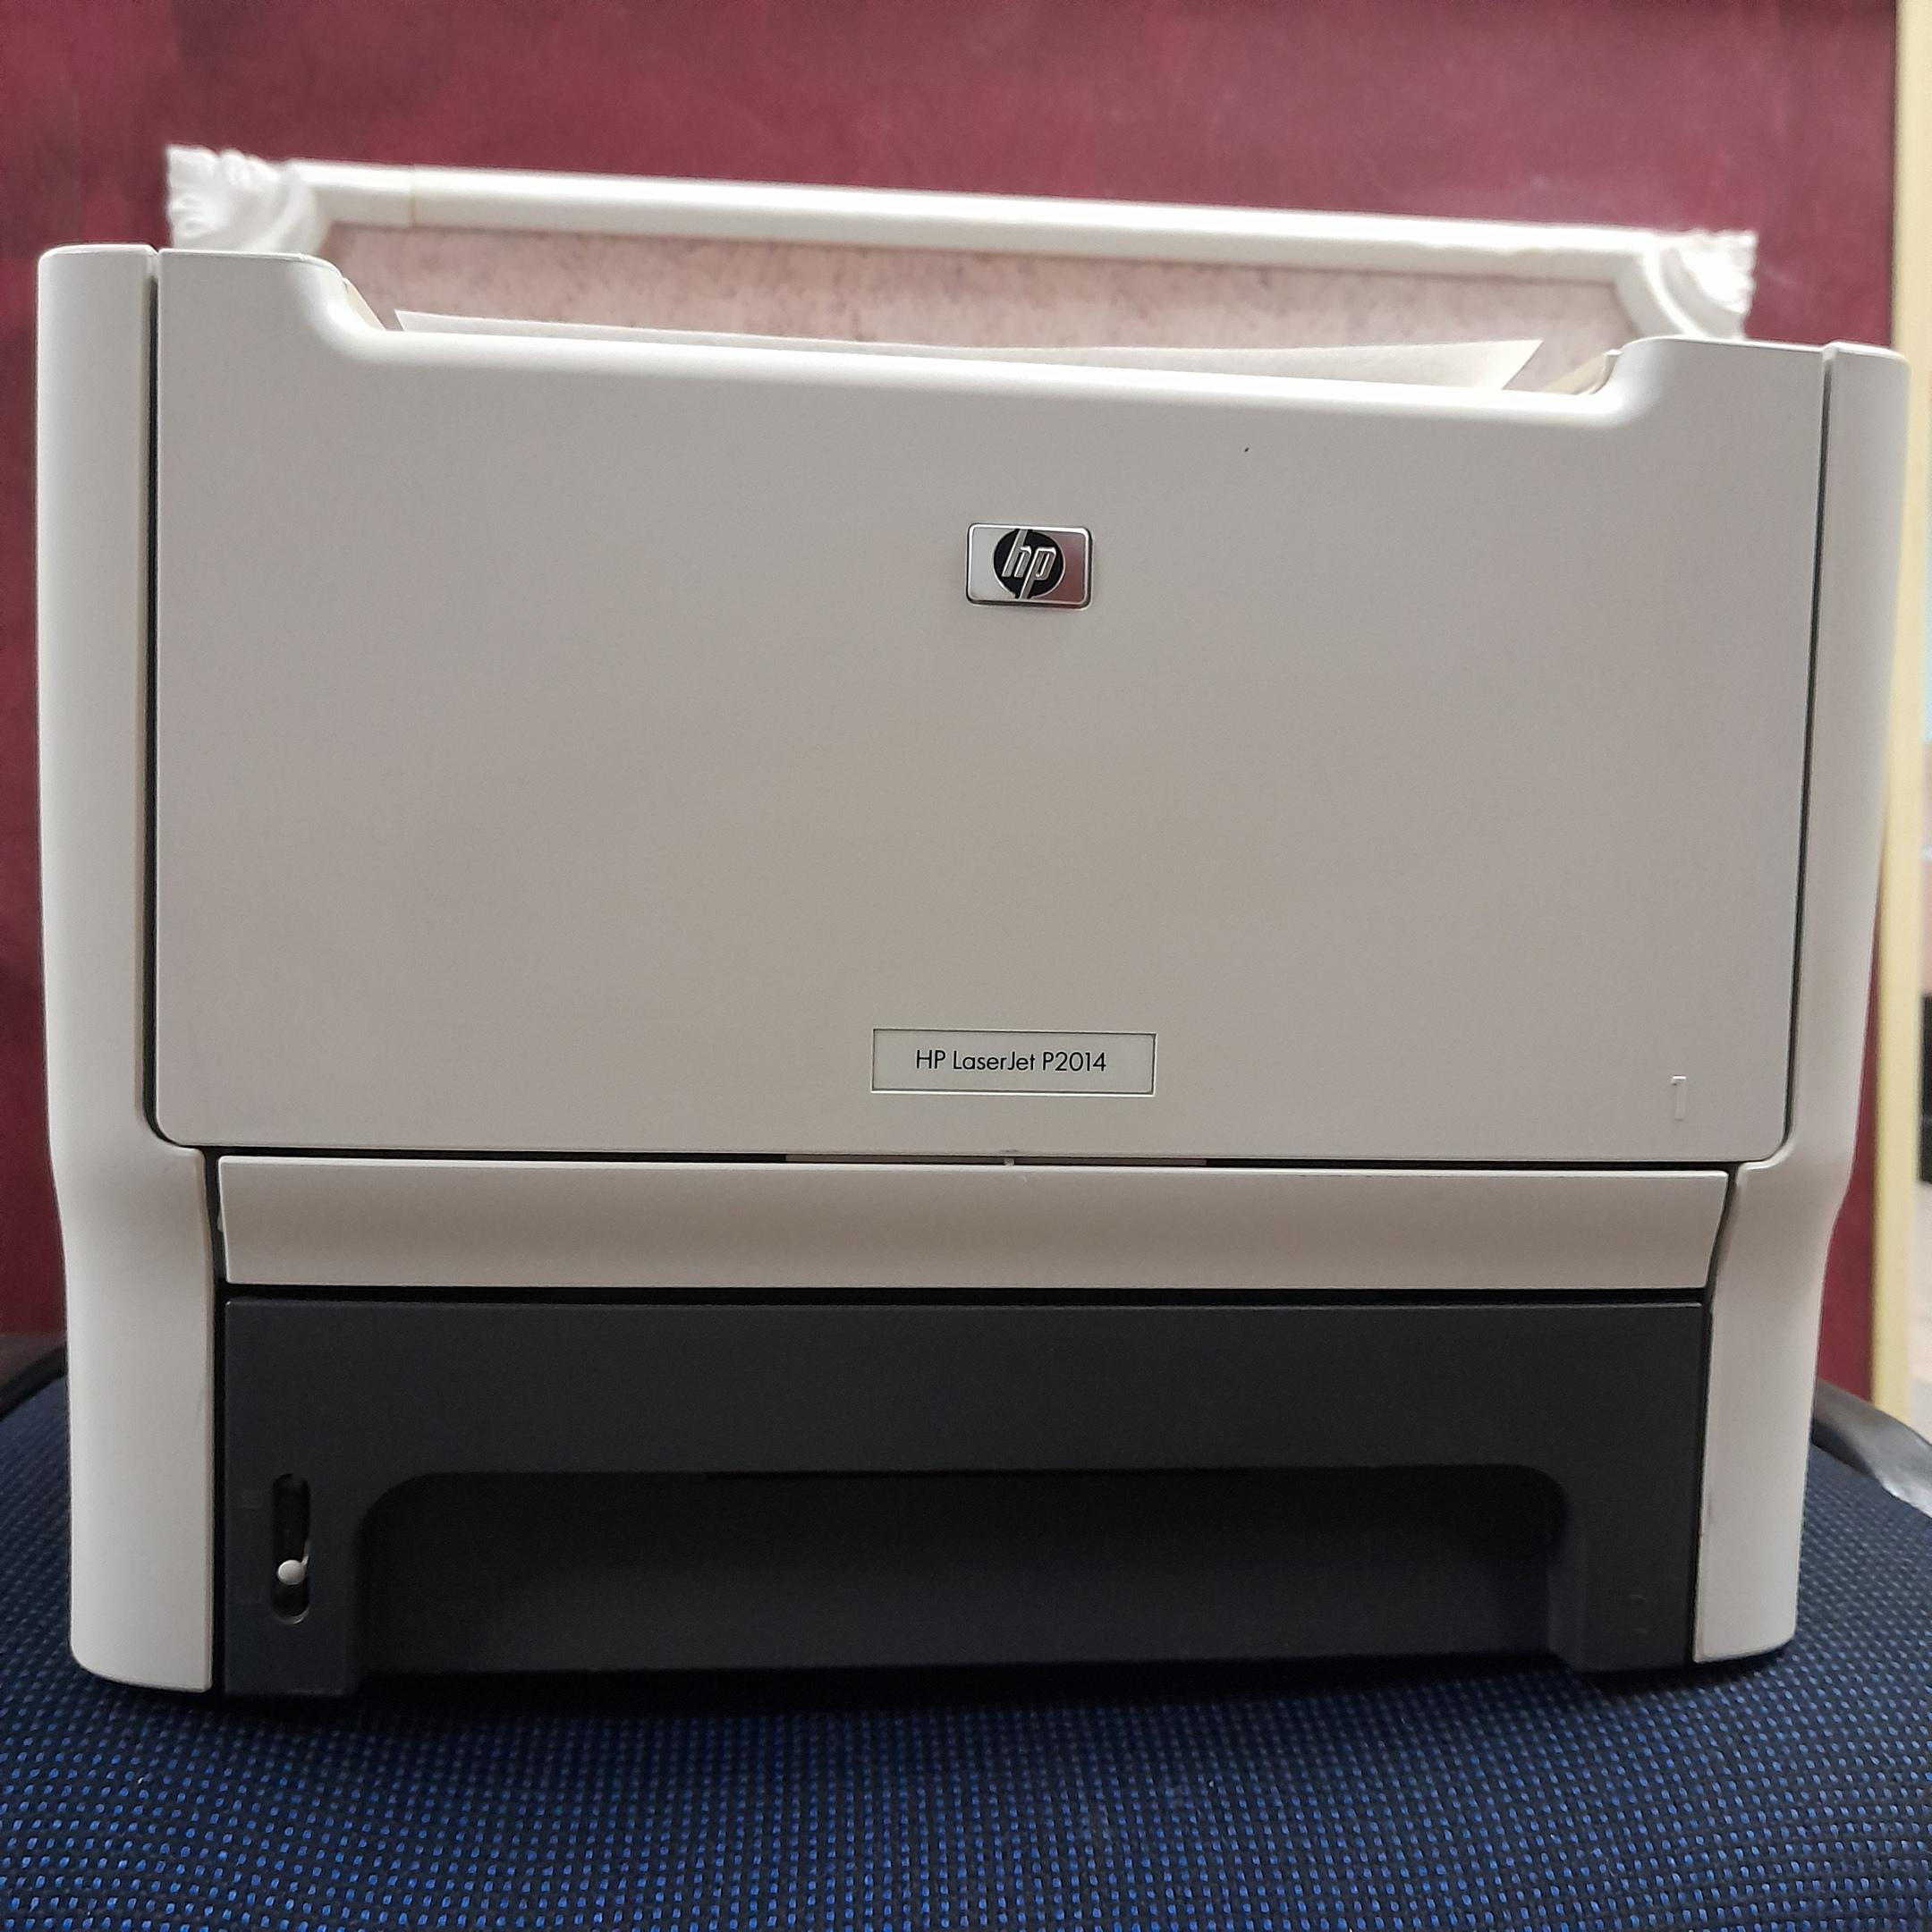 Продам принтер HP LJ P2014, на картридже 53х.